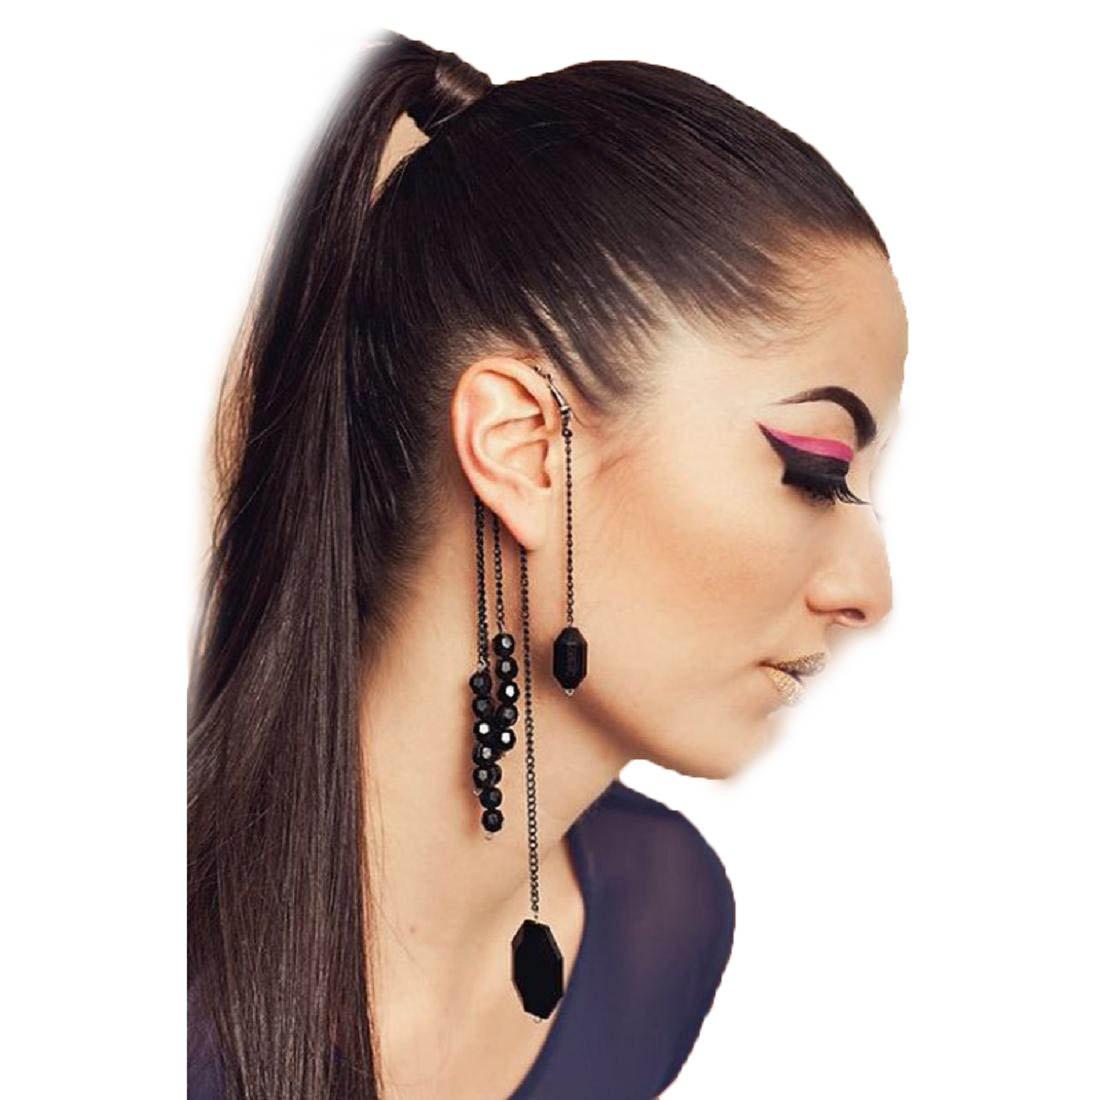 Coromose Women Ear Cuff Stud Earring Tassel